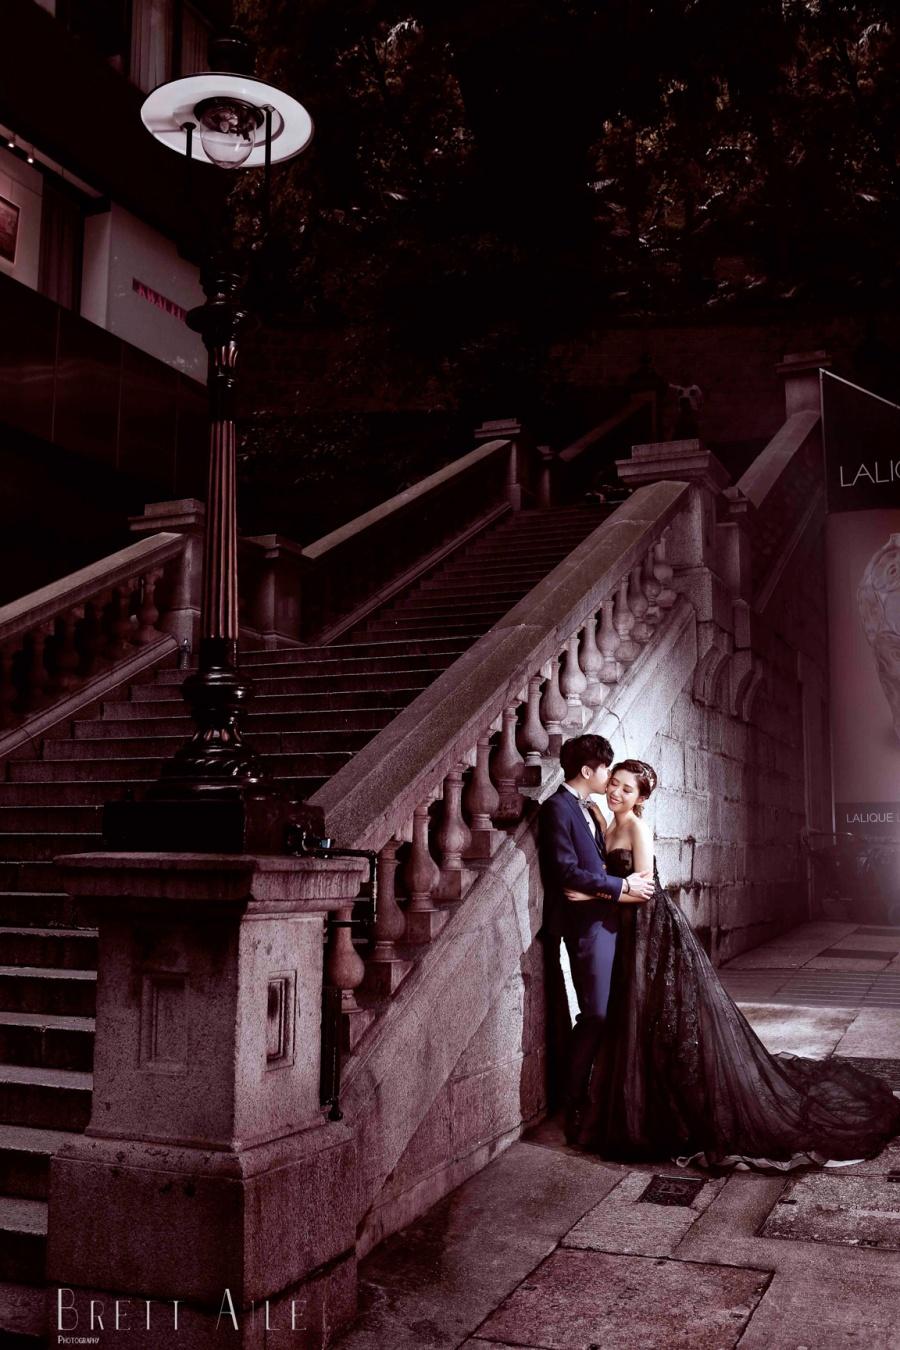 婚紗攝影香港推介 pre wedding hk coolstylist_-79